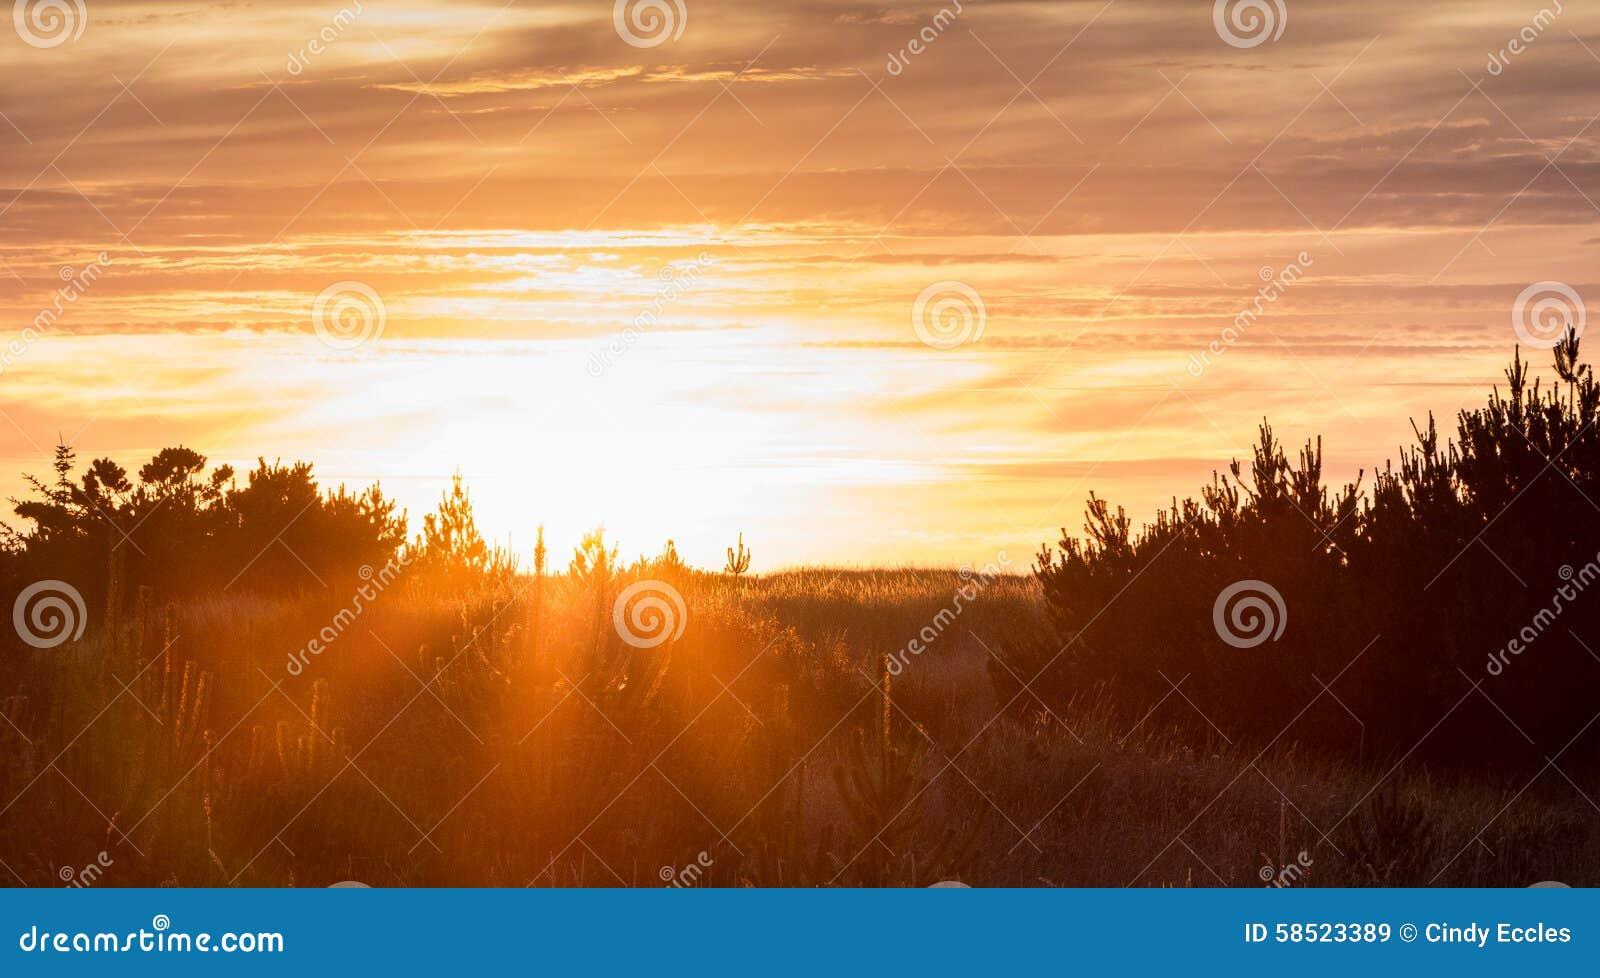 fiery glow burning sunset - photo #45